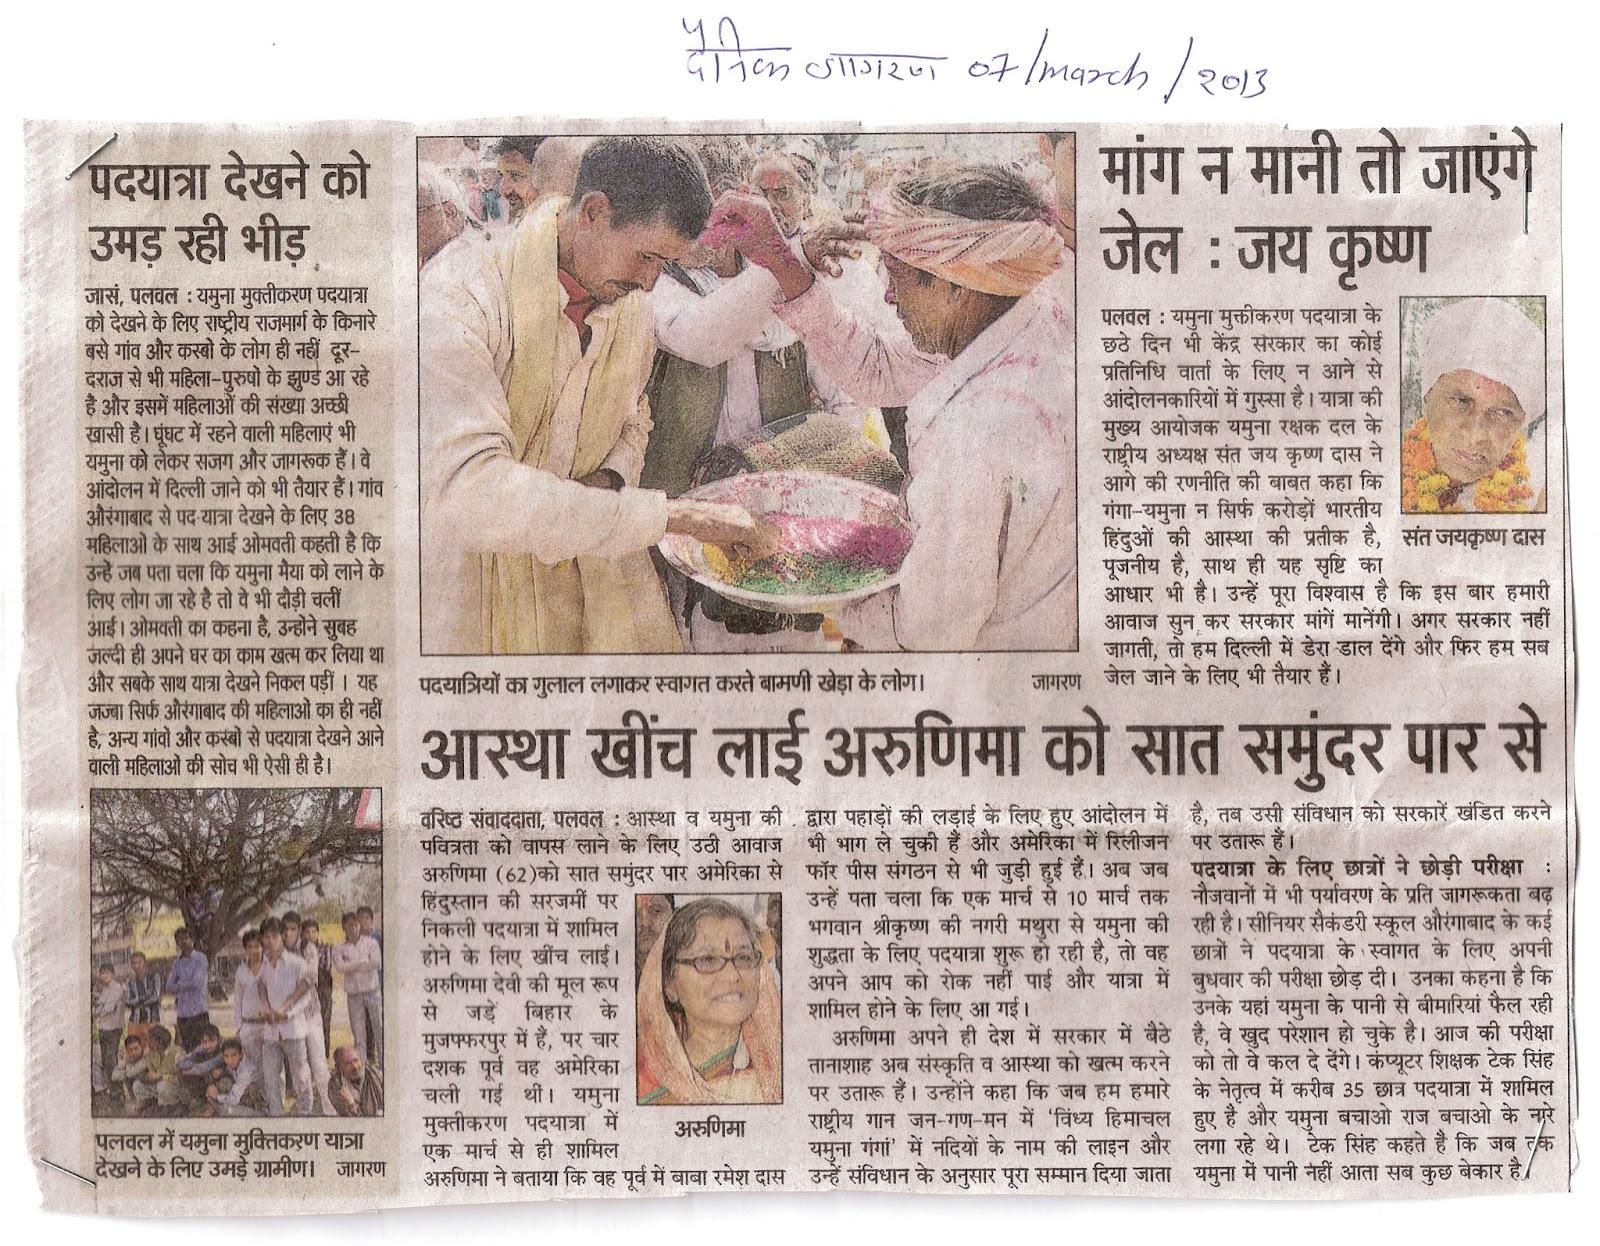 Yamuna jiye abhiyaan dainik jagran delhi 07 march 2013 for Dainik table